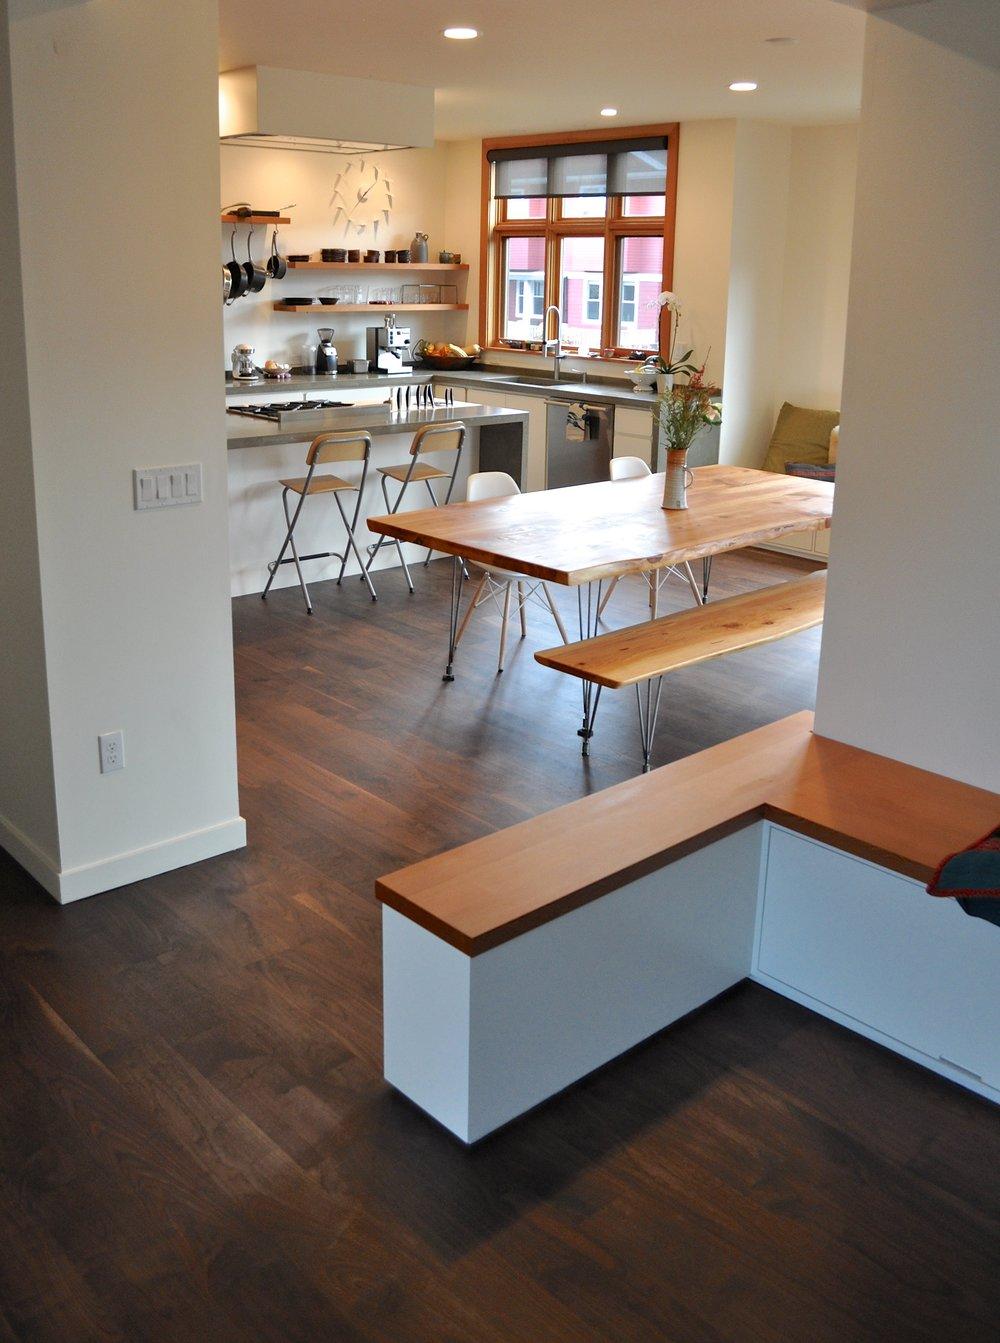 3_KitchenSideLindsay_PerpetuaWood.jpg